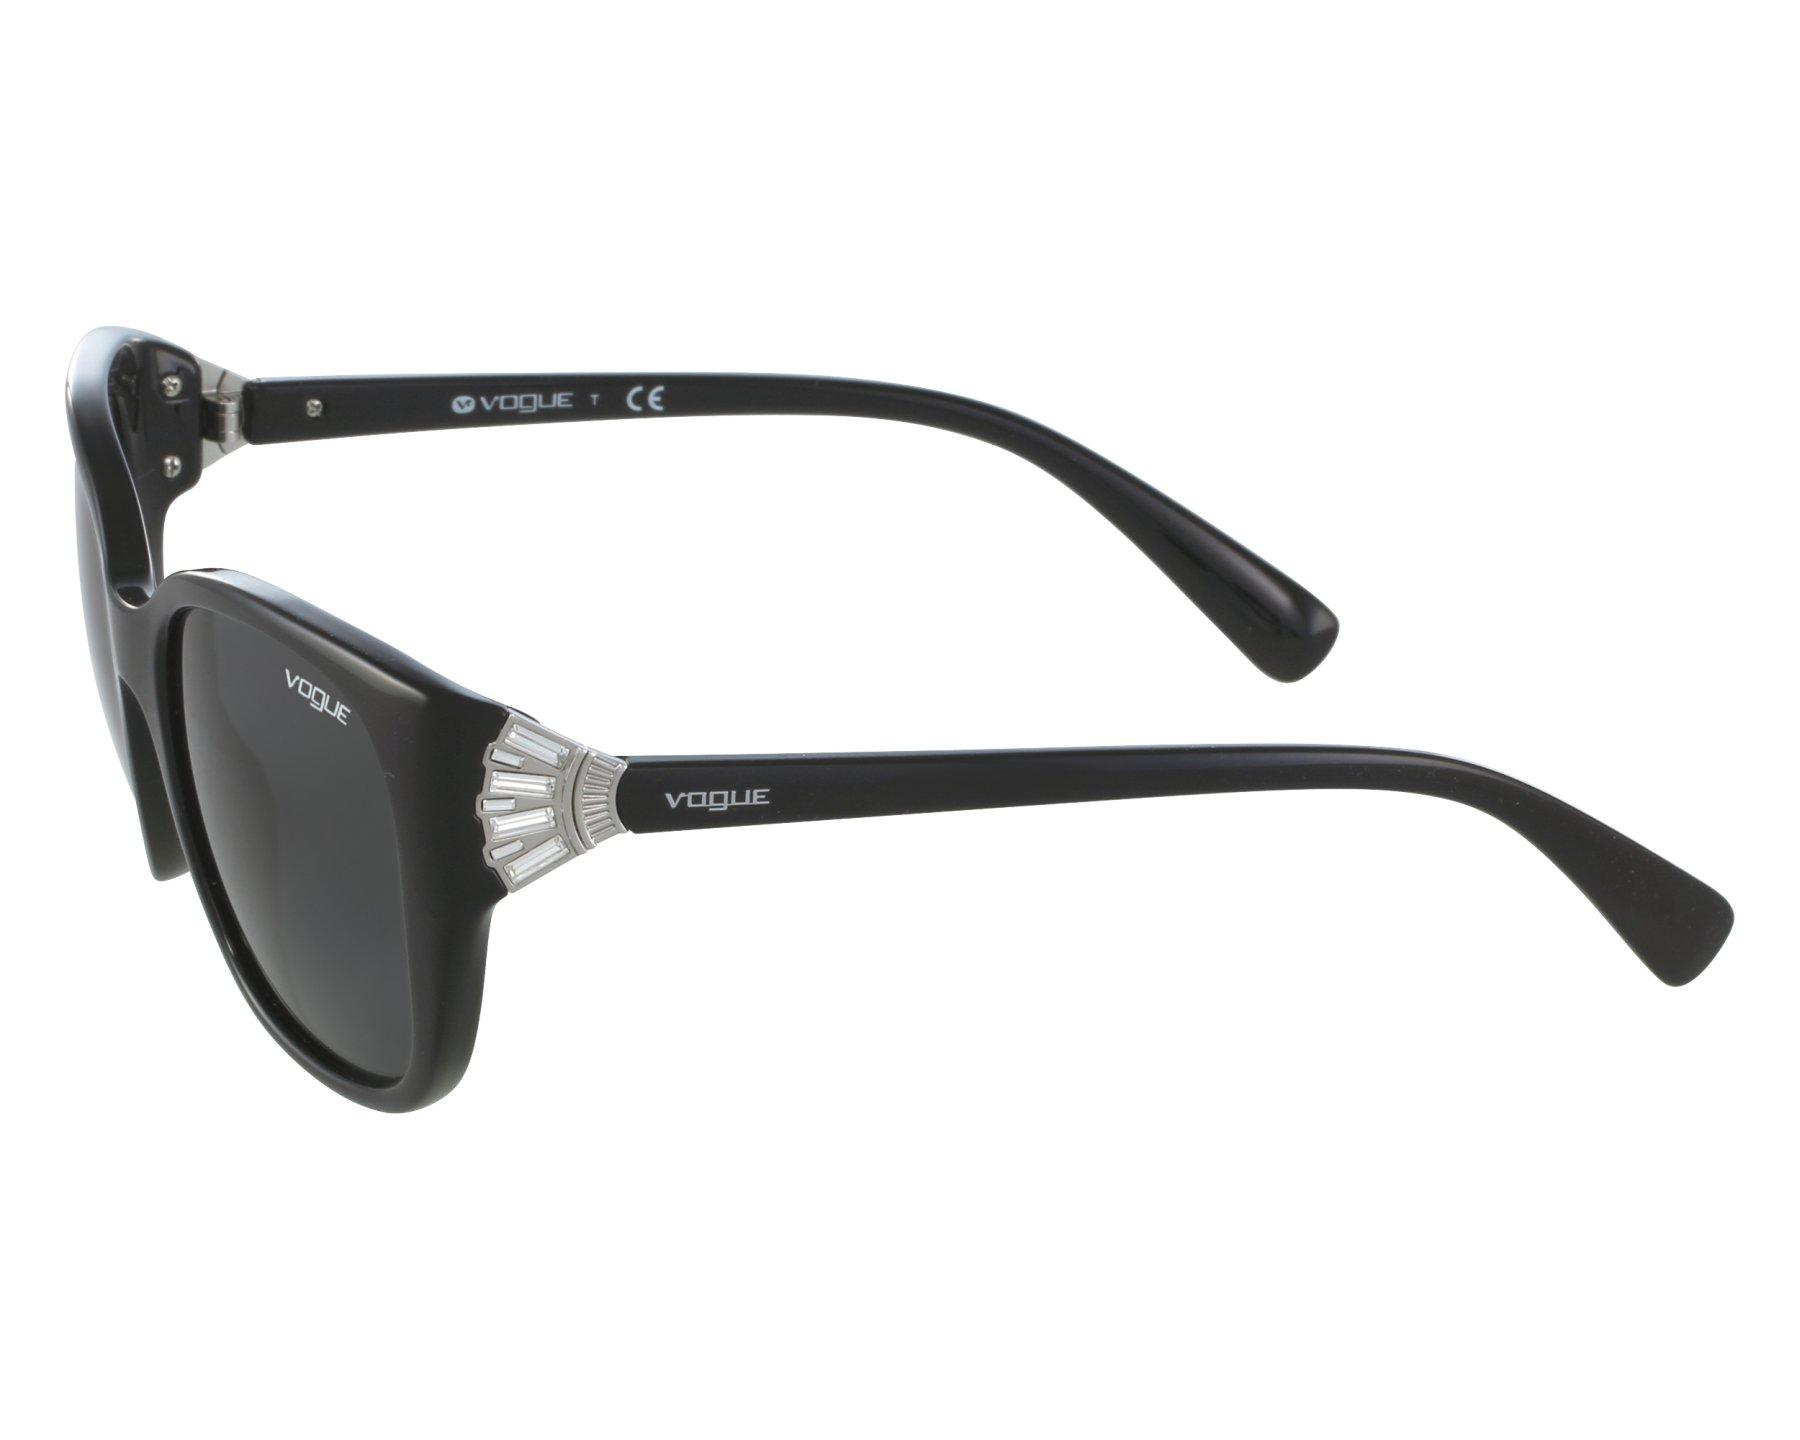 103d7a804965b Sunglasses Vogue VO-5061-SB W44 87 53-20 Black front view